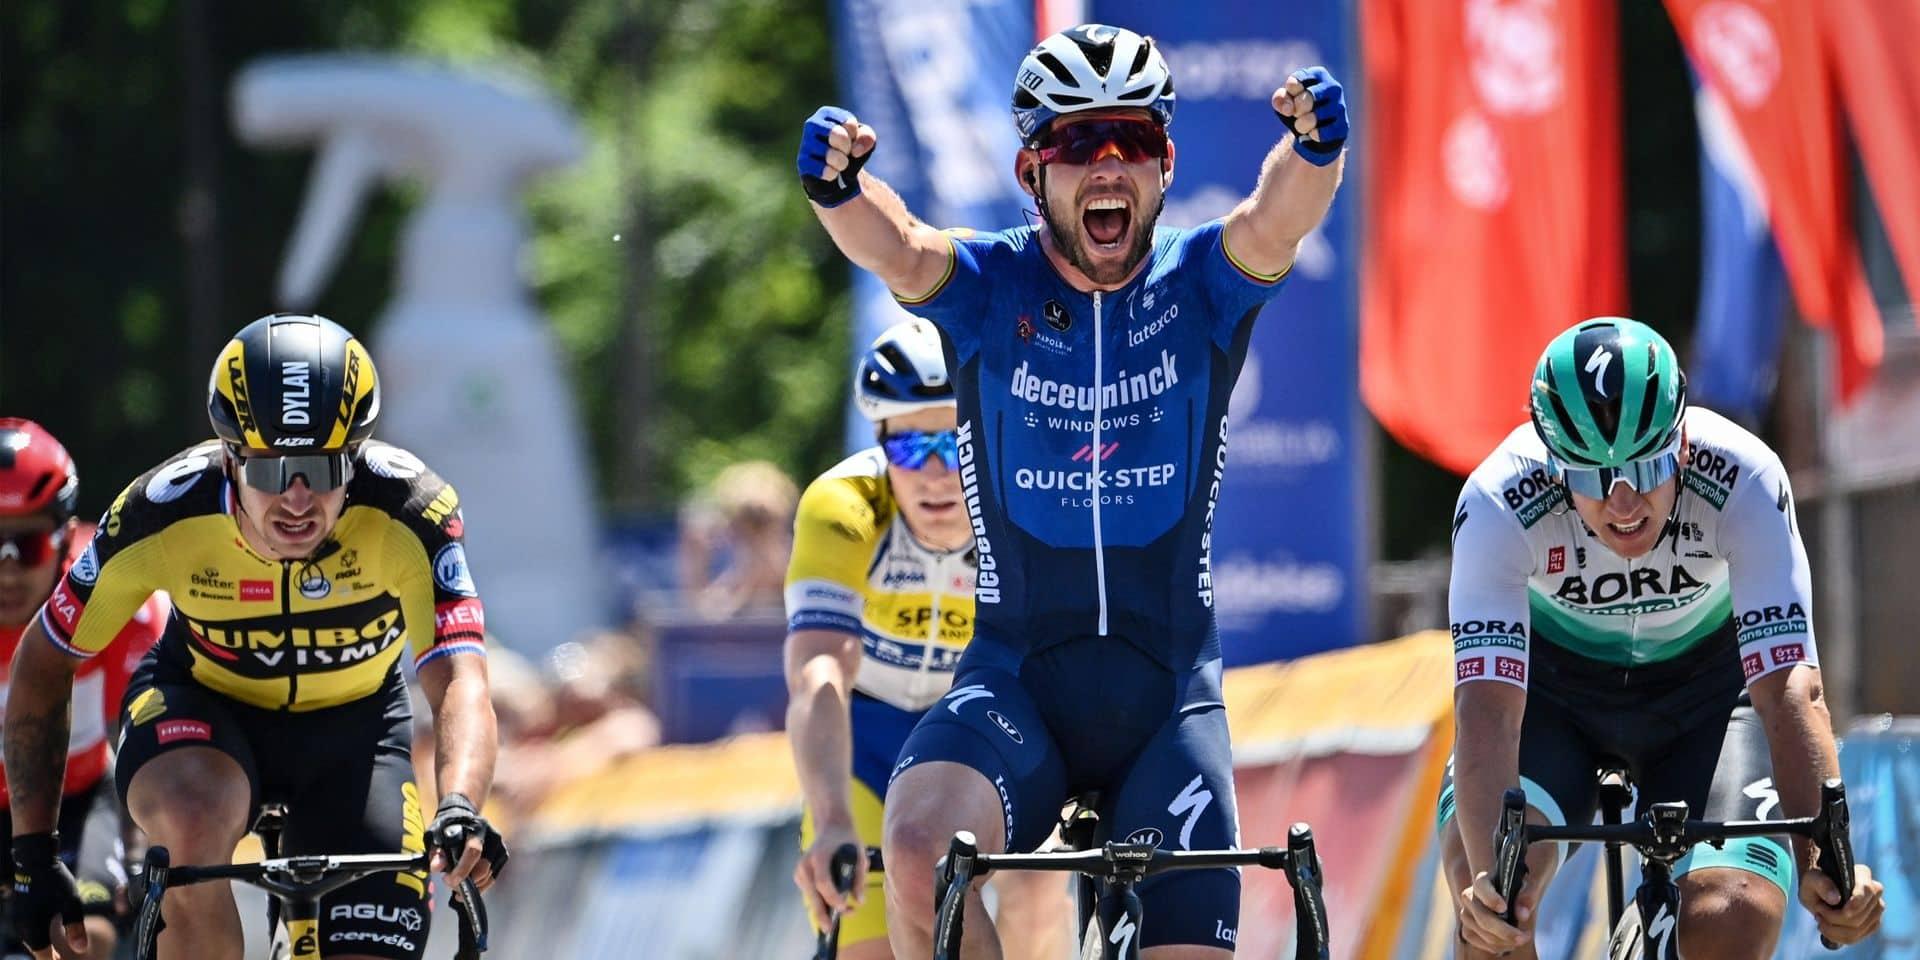 Enorme surprise: Deceuninck-Quick Step alignera Cavendish et pas Bennett au Tour de France !